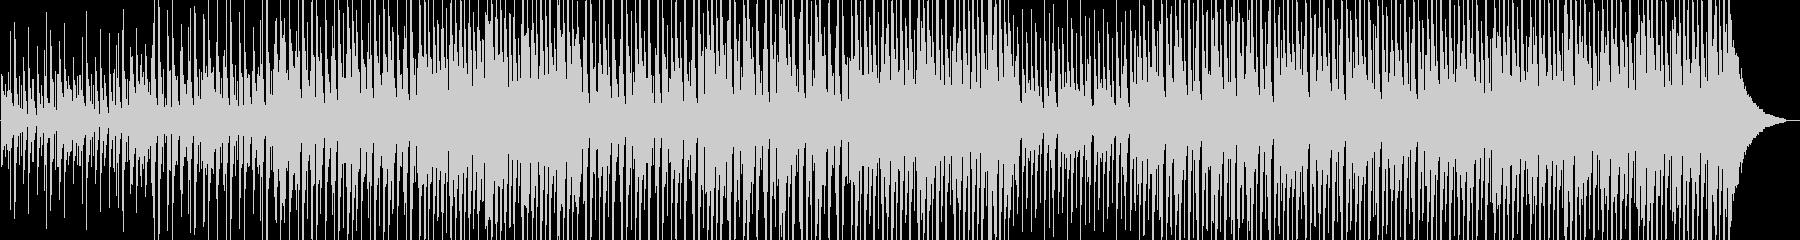 グロッケンが可愛らしい軽快なメロディーの未再生の波形